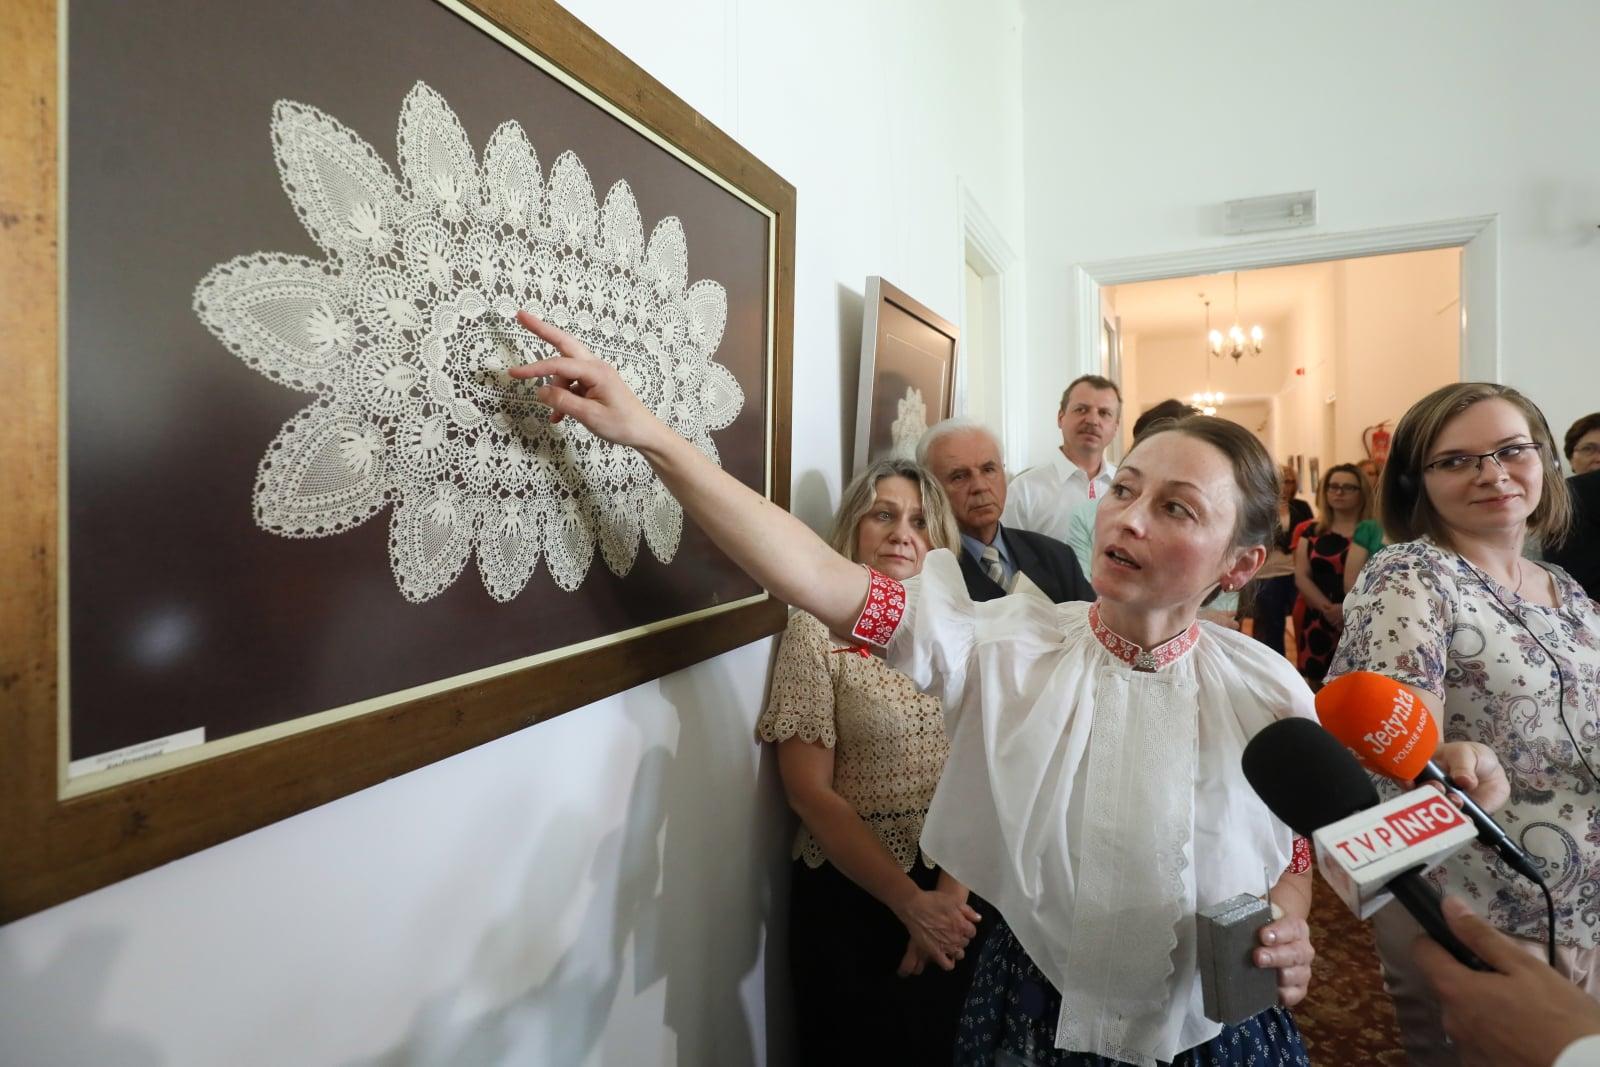 Artystka Beata Legierska podczas otwarcia wystawy swoich prac - koronek koniakowskich w holu głównym w Ministerstwie Kultury i Dziedzictwa Narodowego w Warszawie, fot. PAP/Paweł Supernak